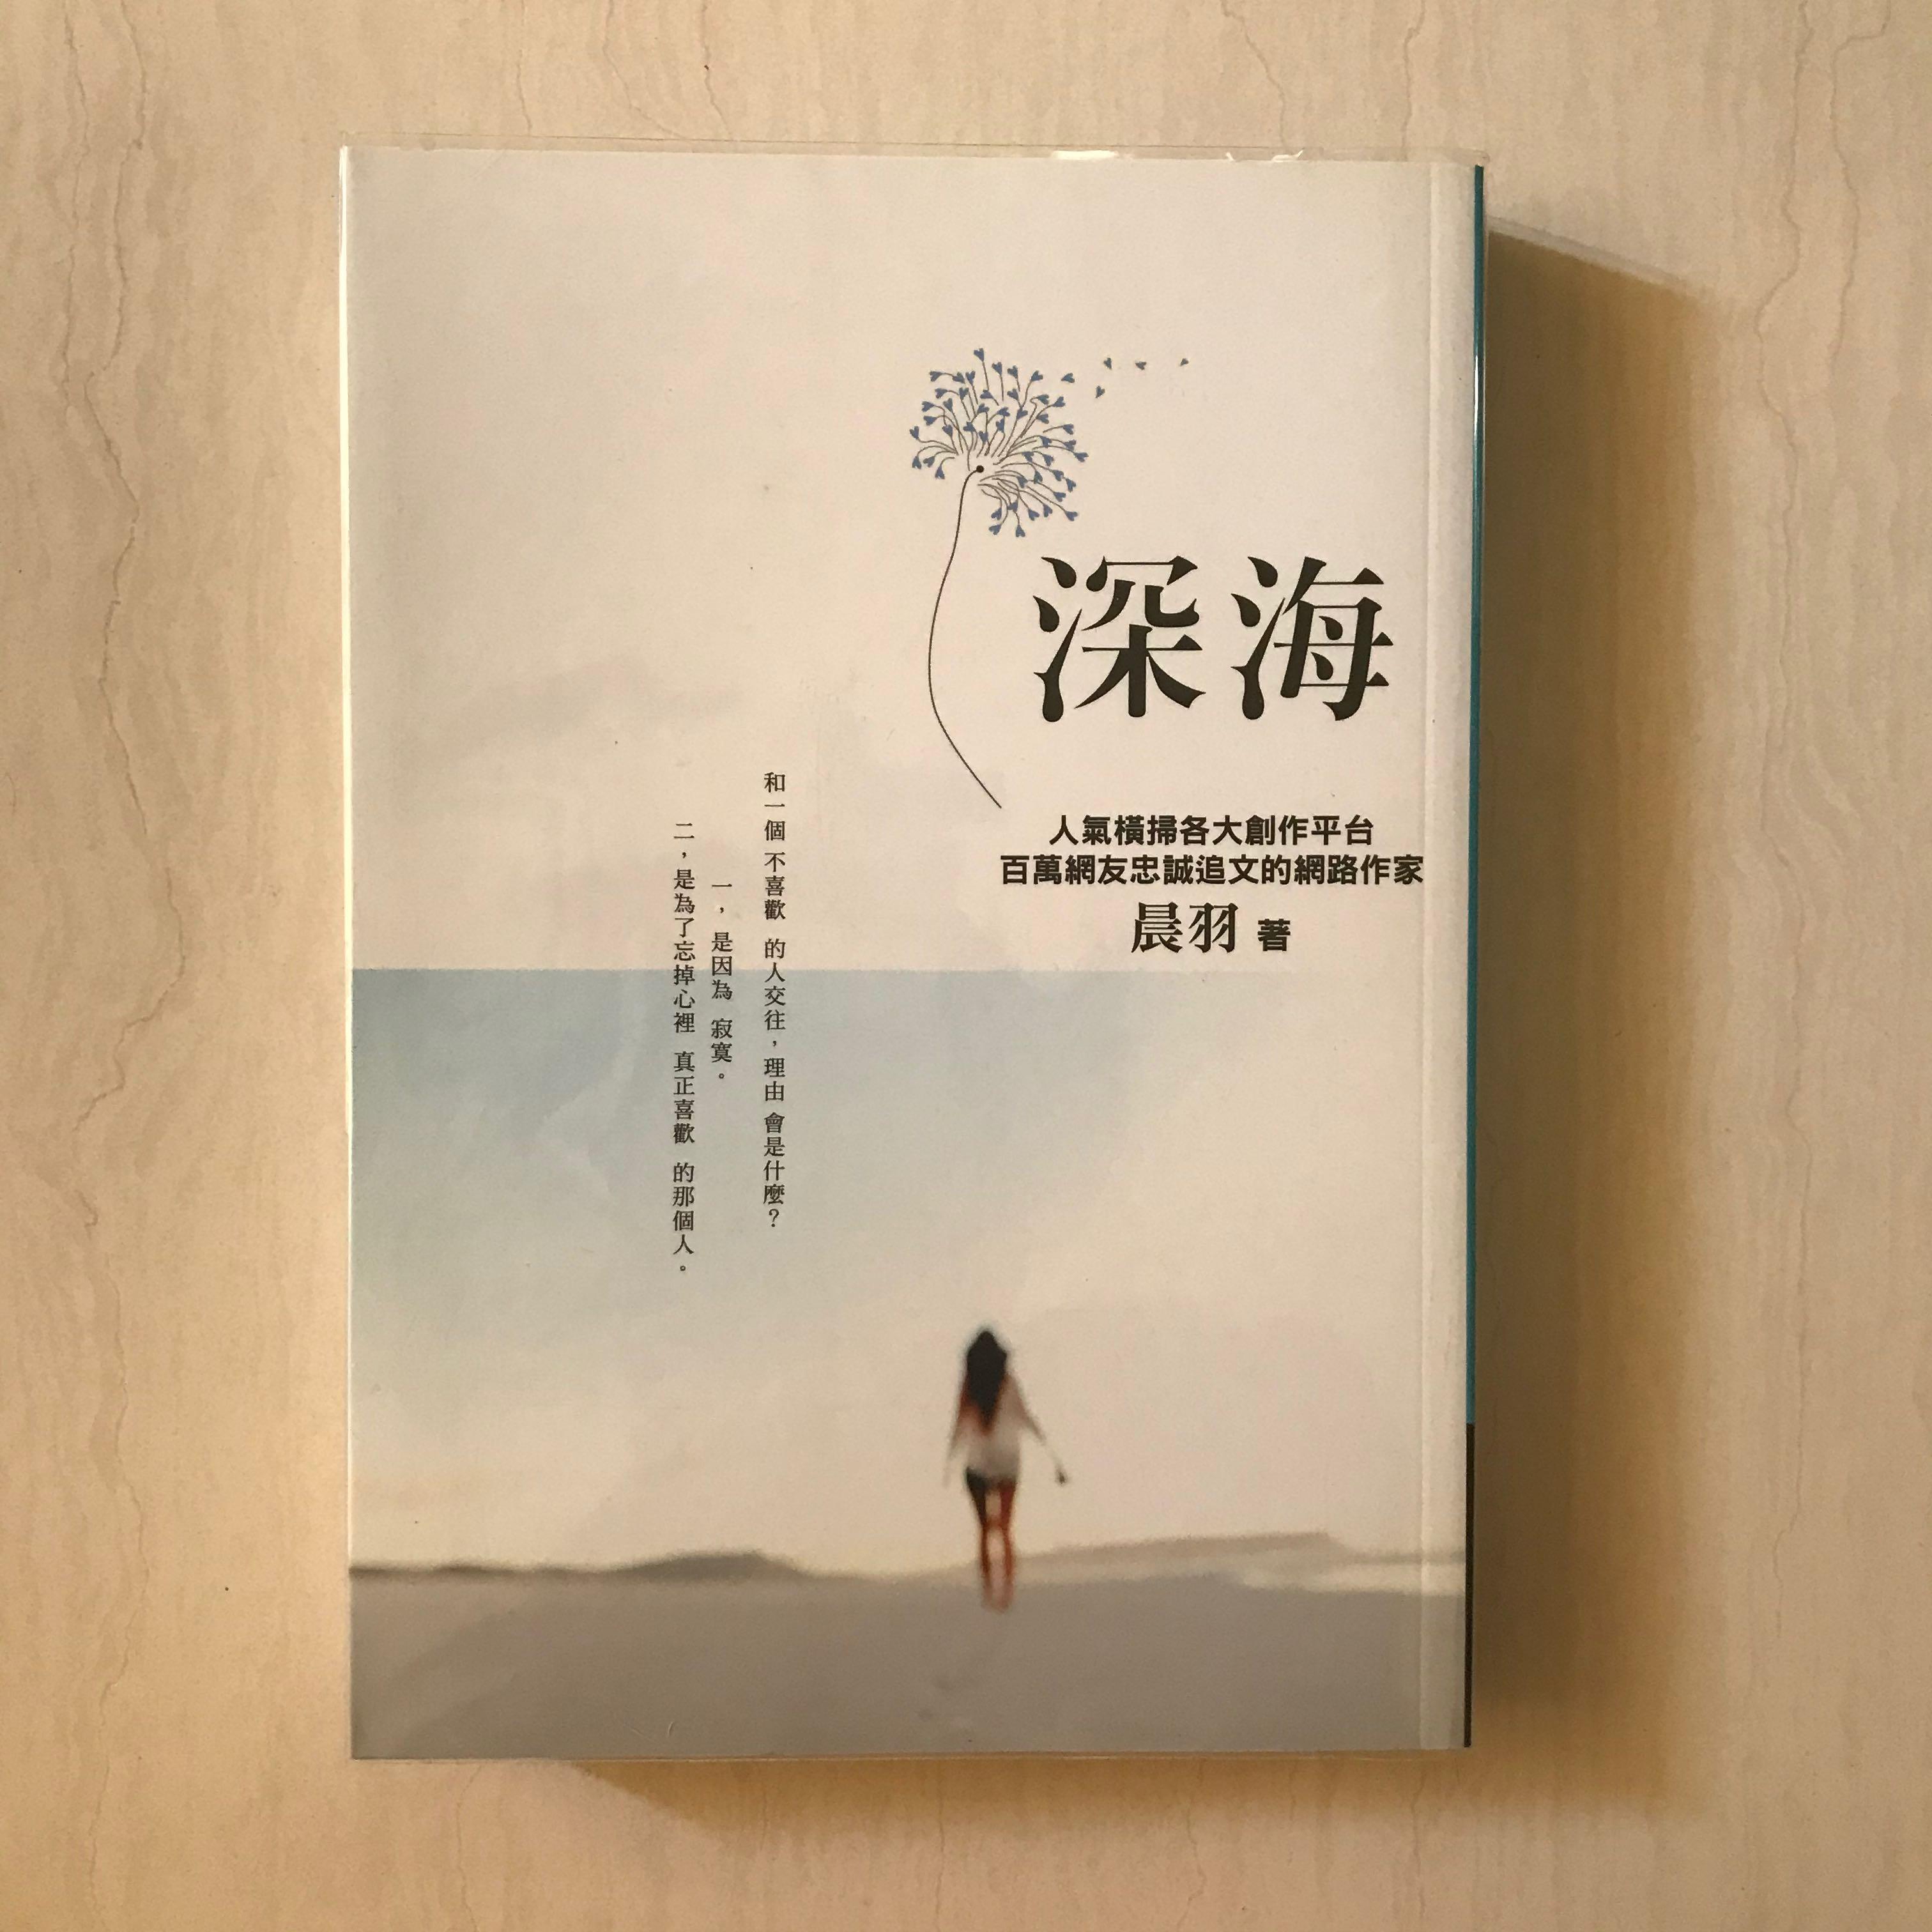 暢銷感人小說🔥《深海》-晨羽